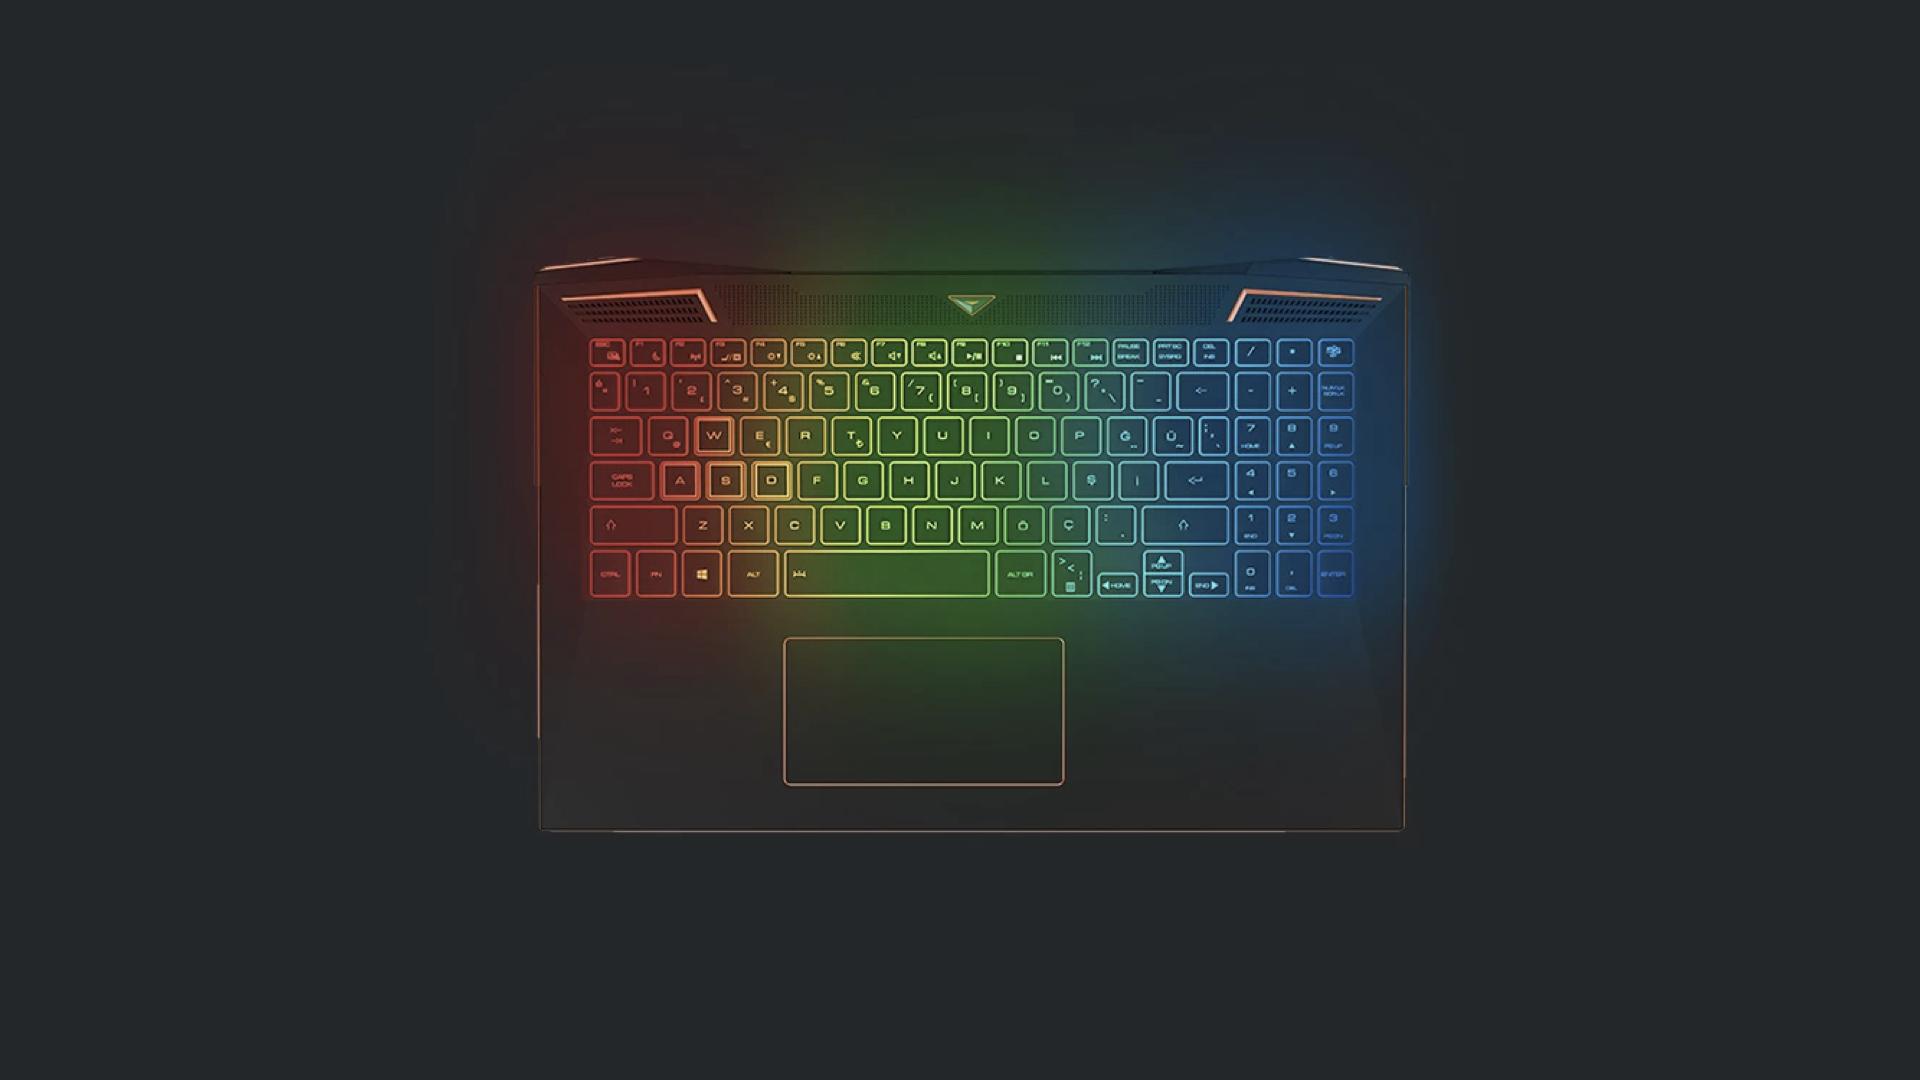 excalibur g900 klavye özellikleri